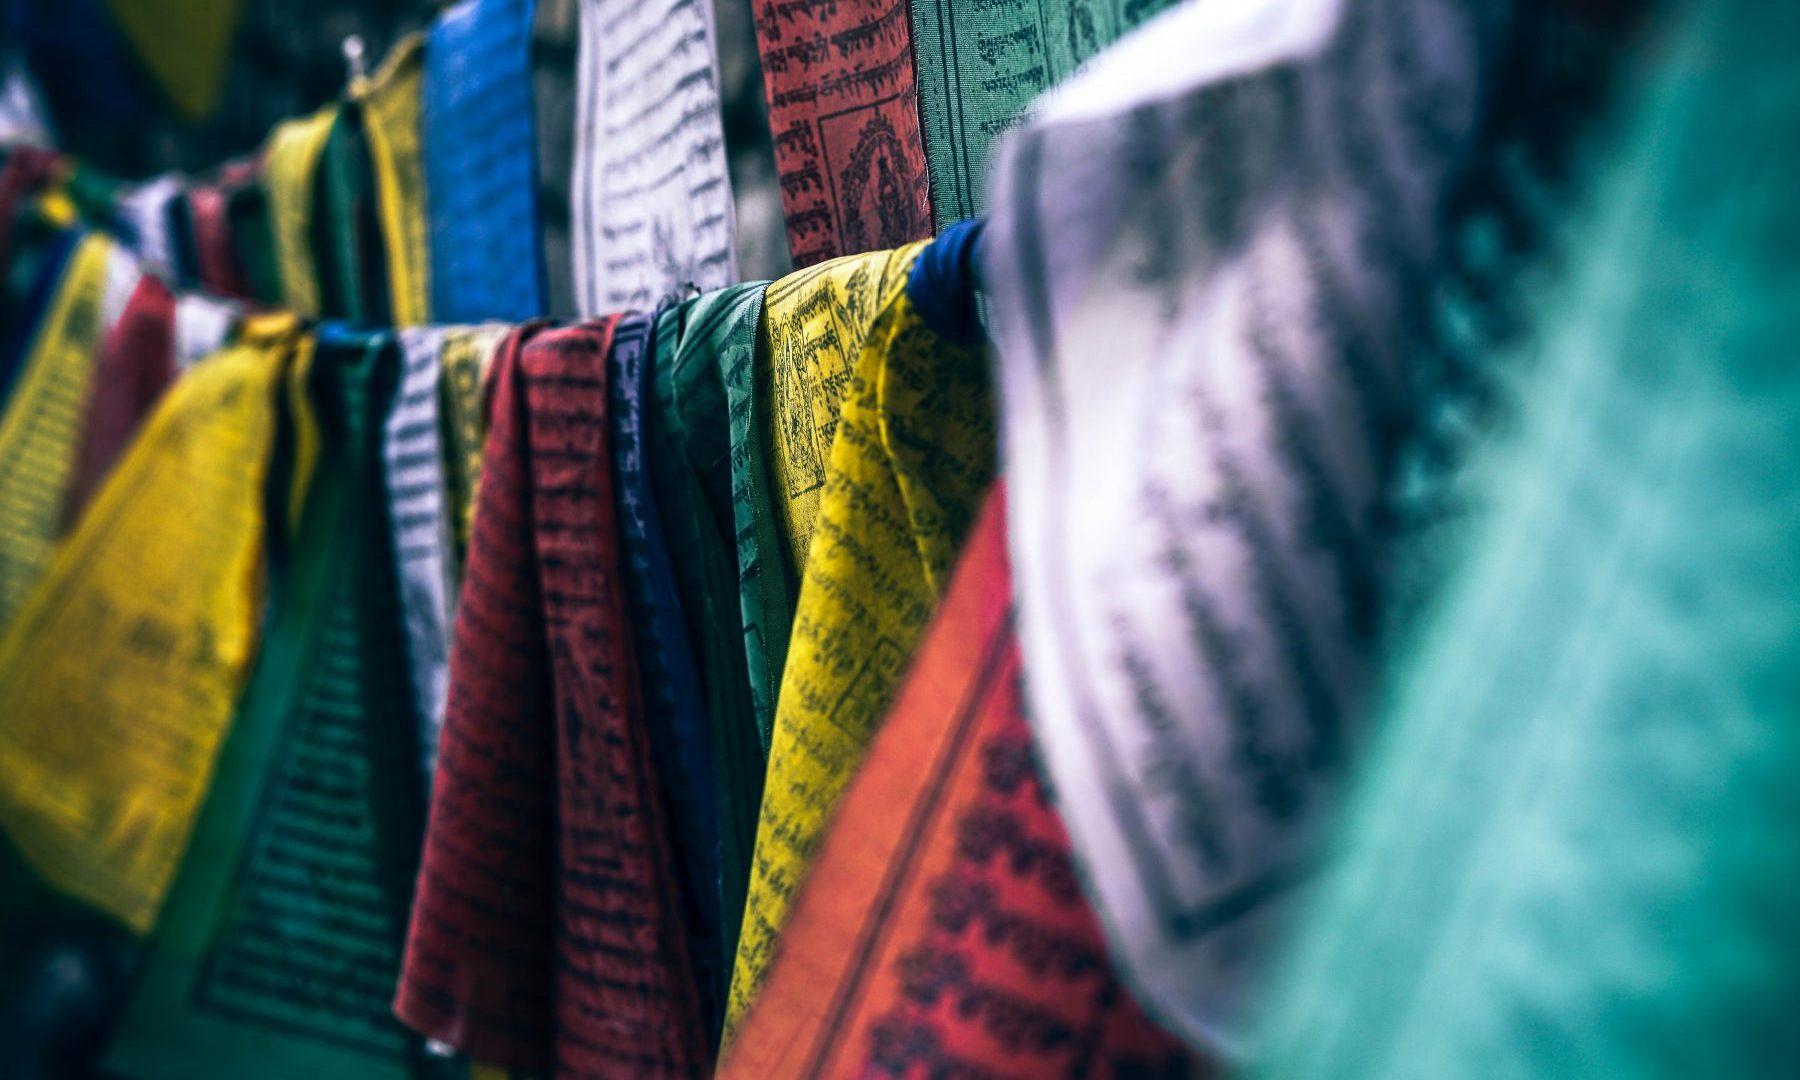 О любителях белого, выборе цвета и Ким Кардашян: эксперт рассказала о влиянии оттенков на человека